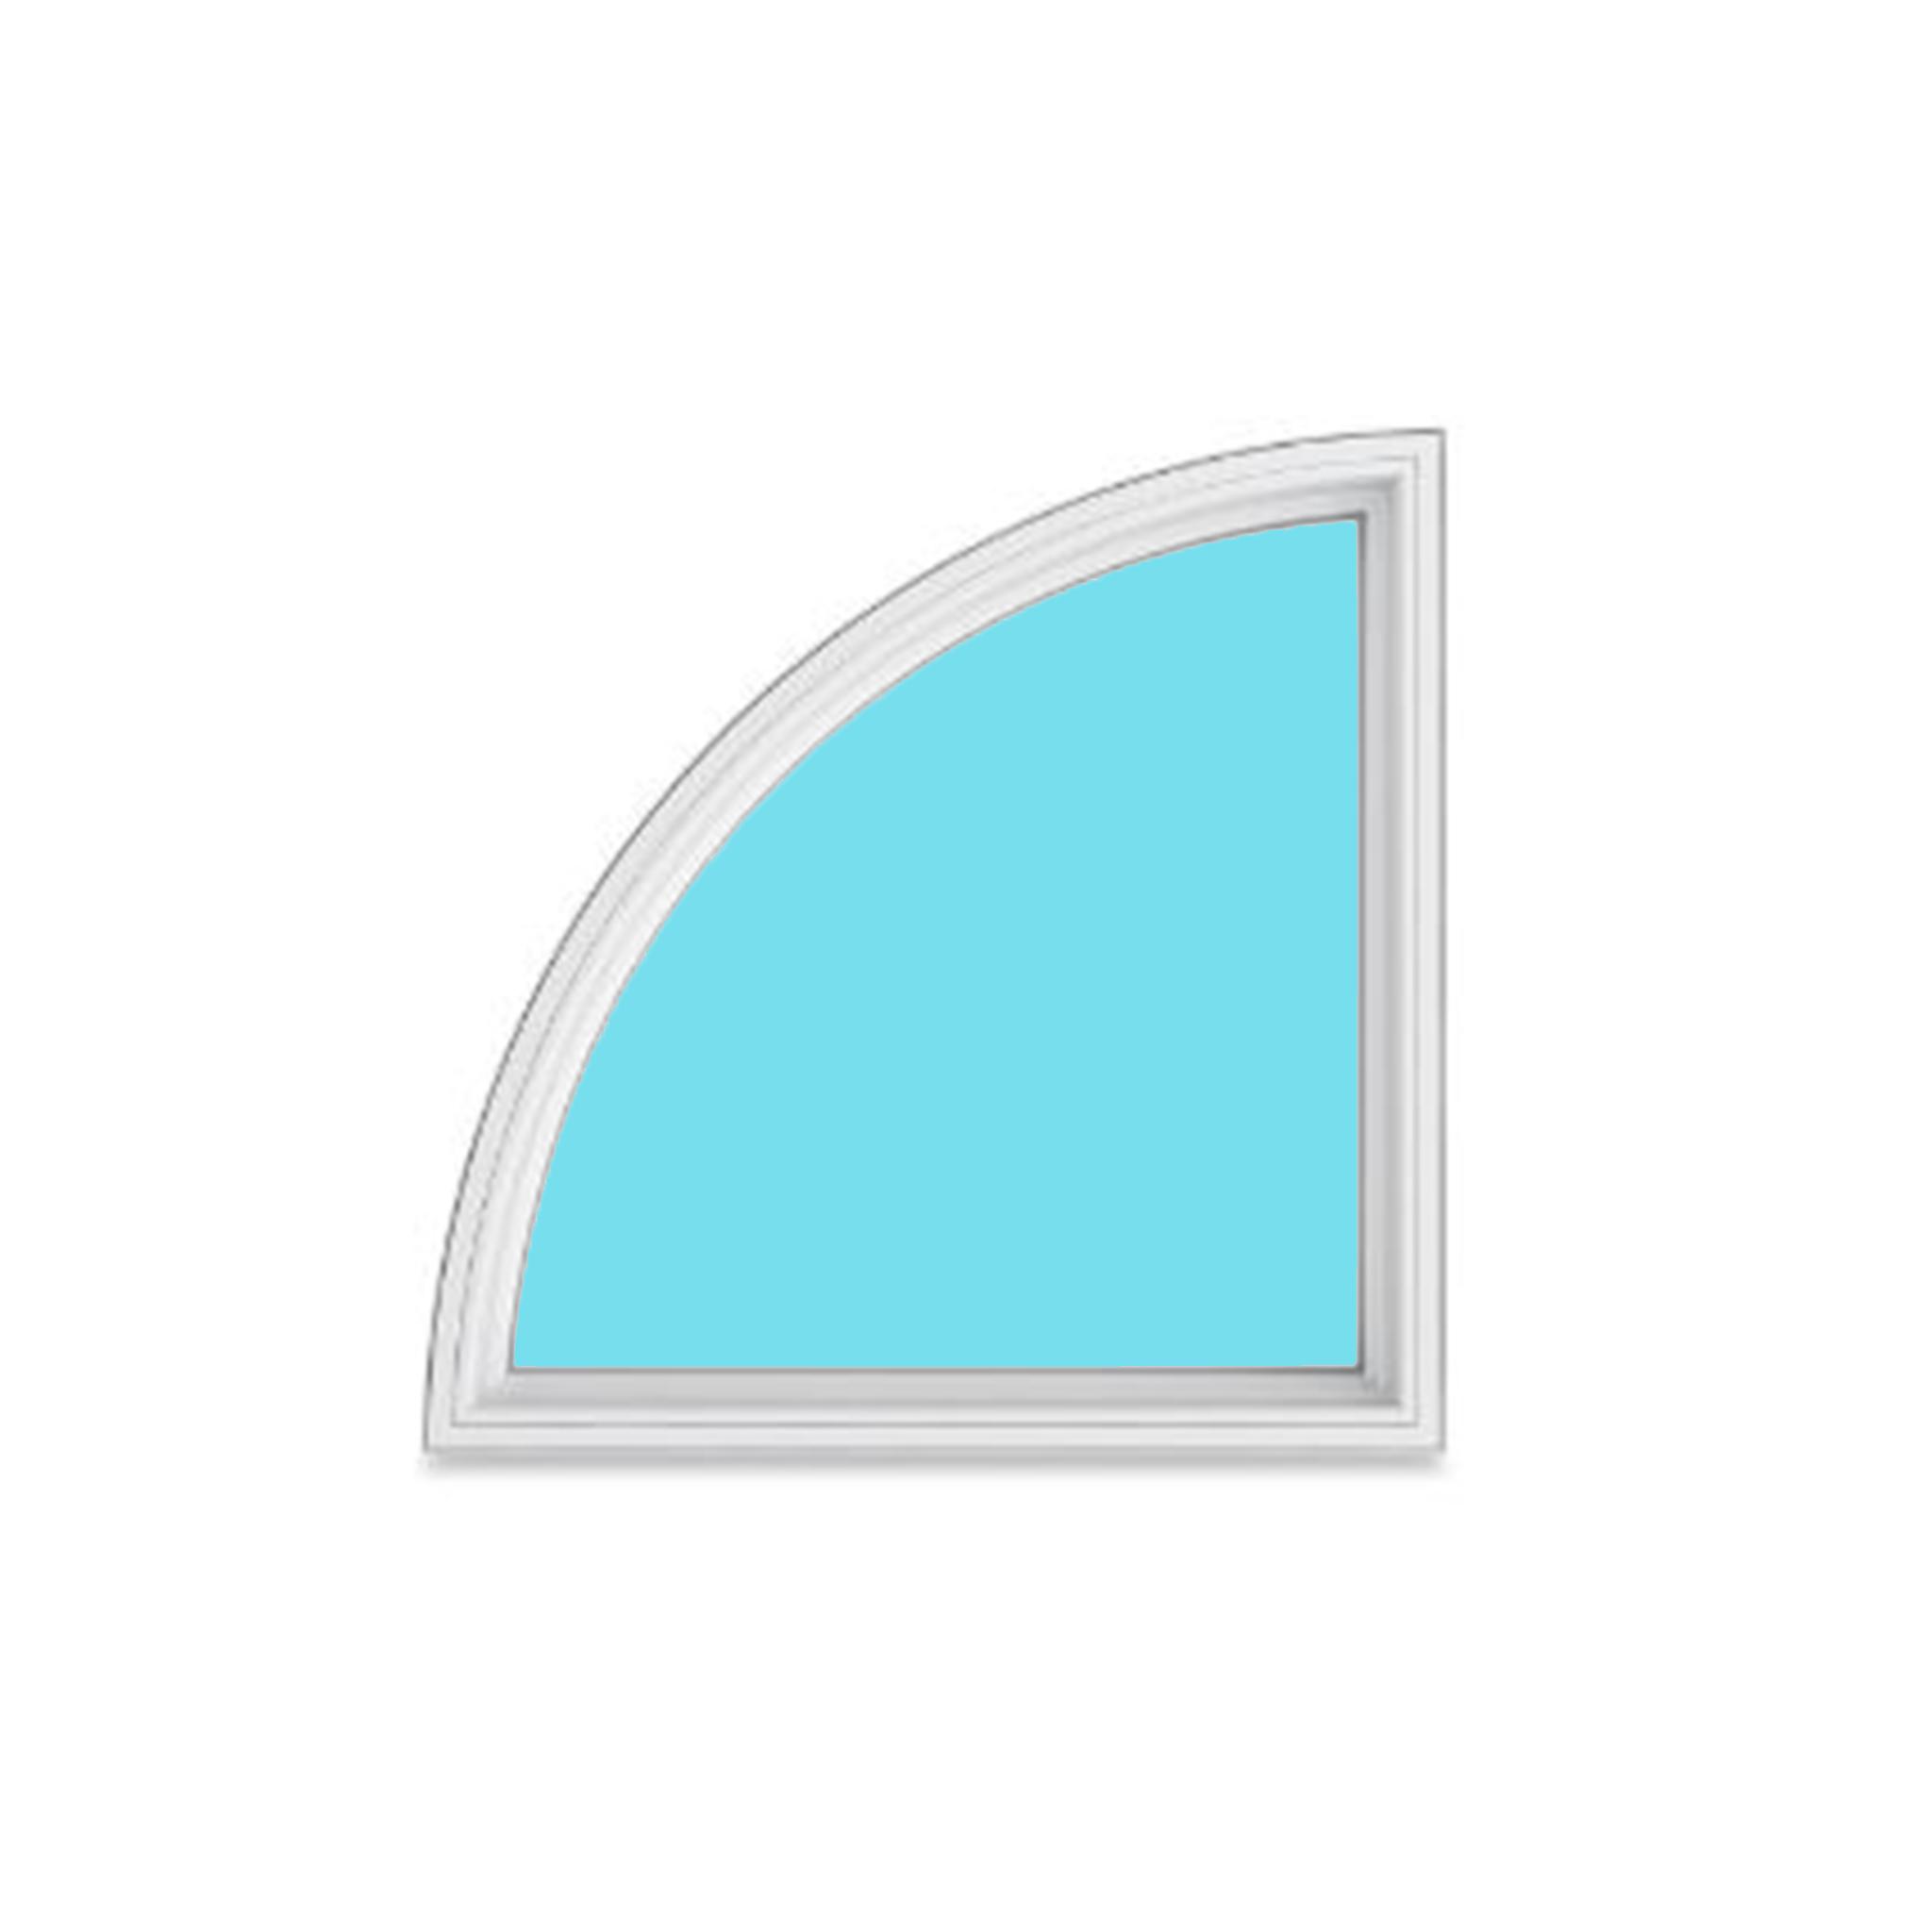 QUARTER ROUND Image